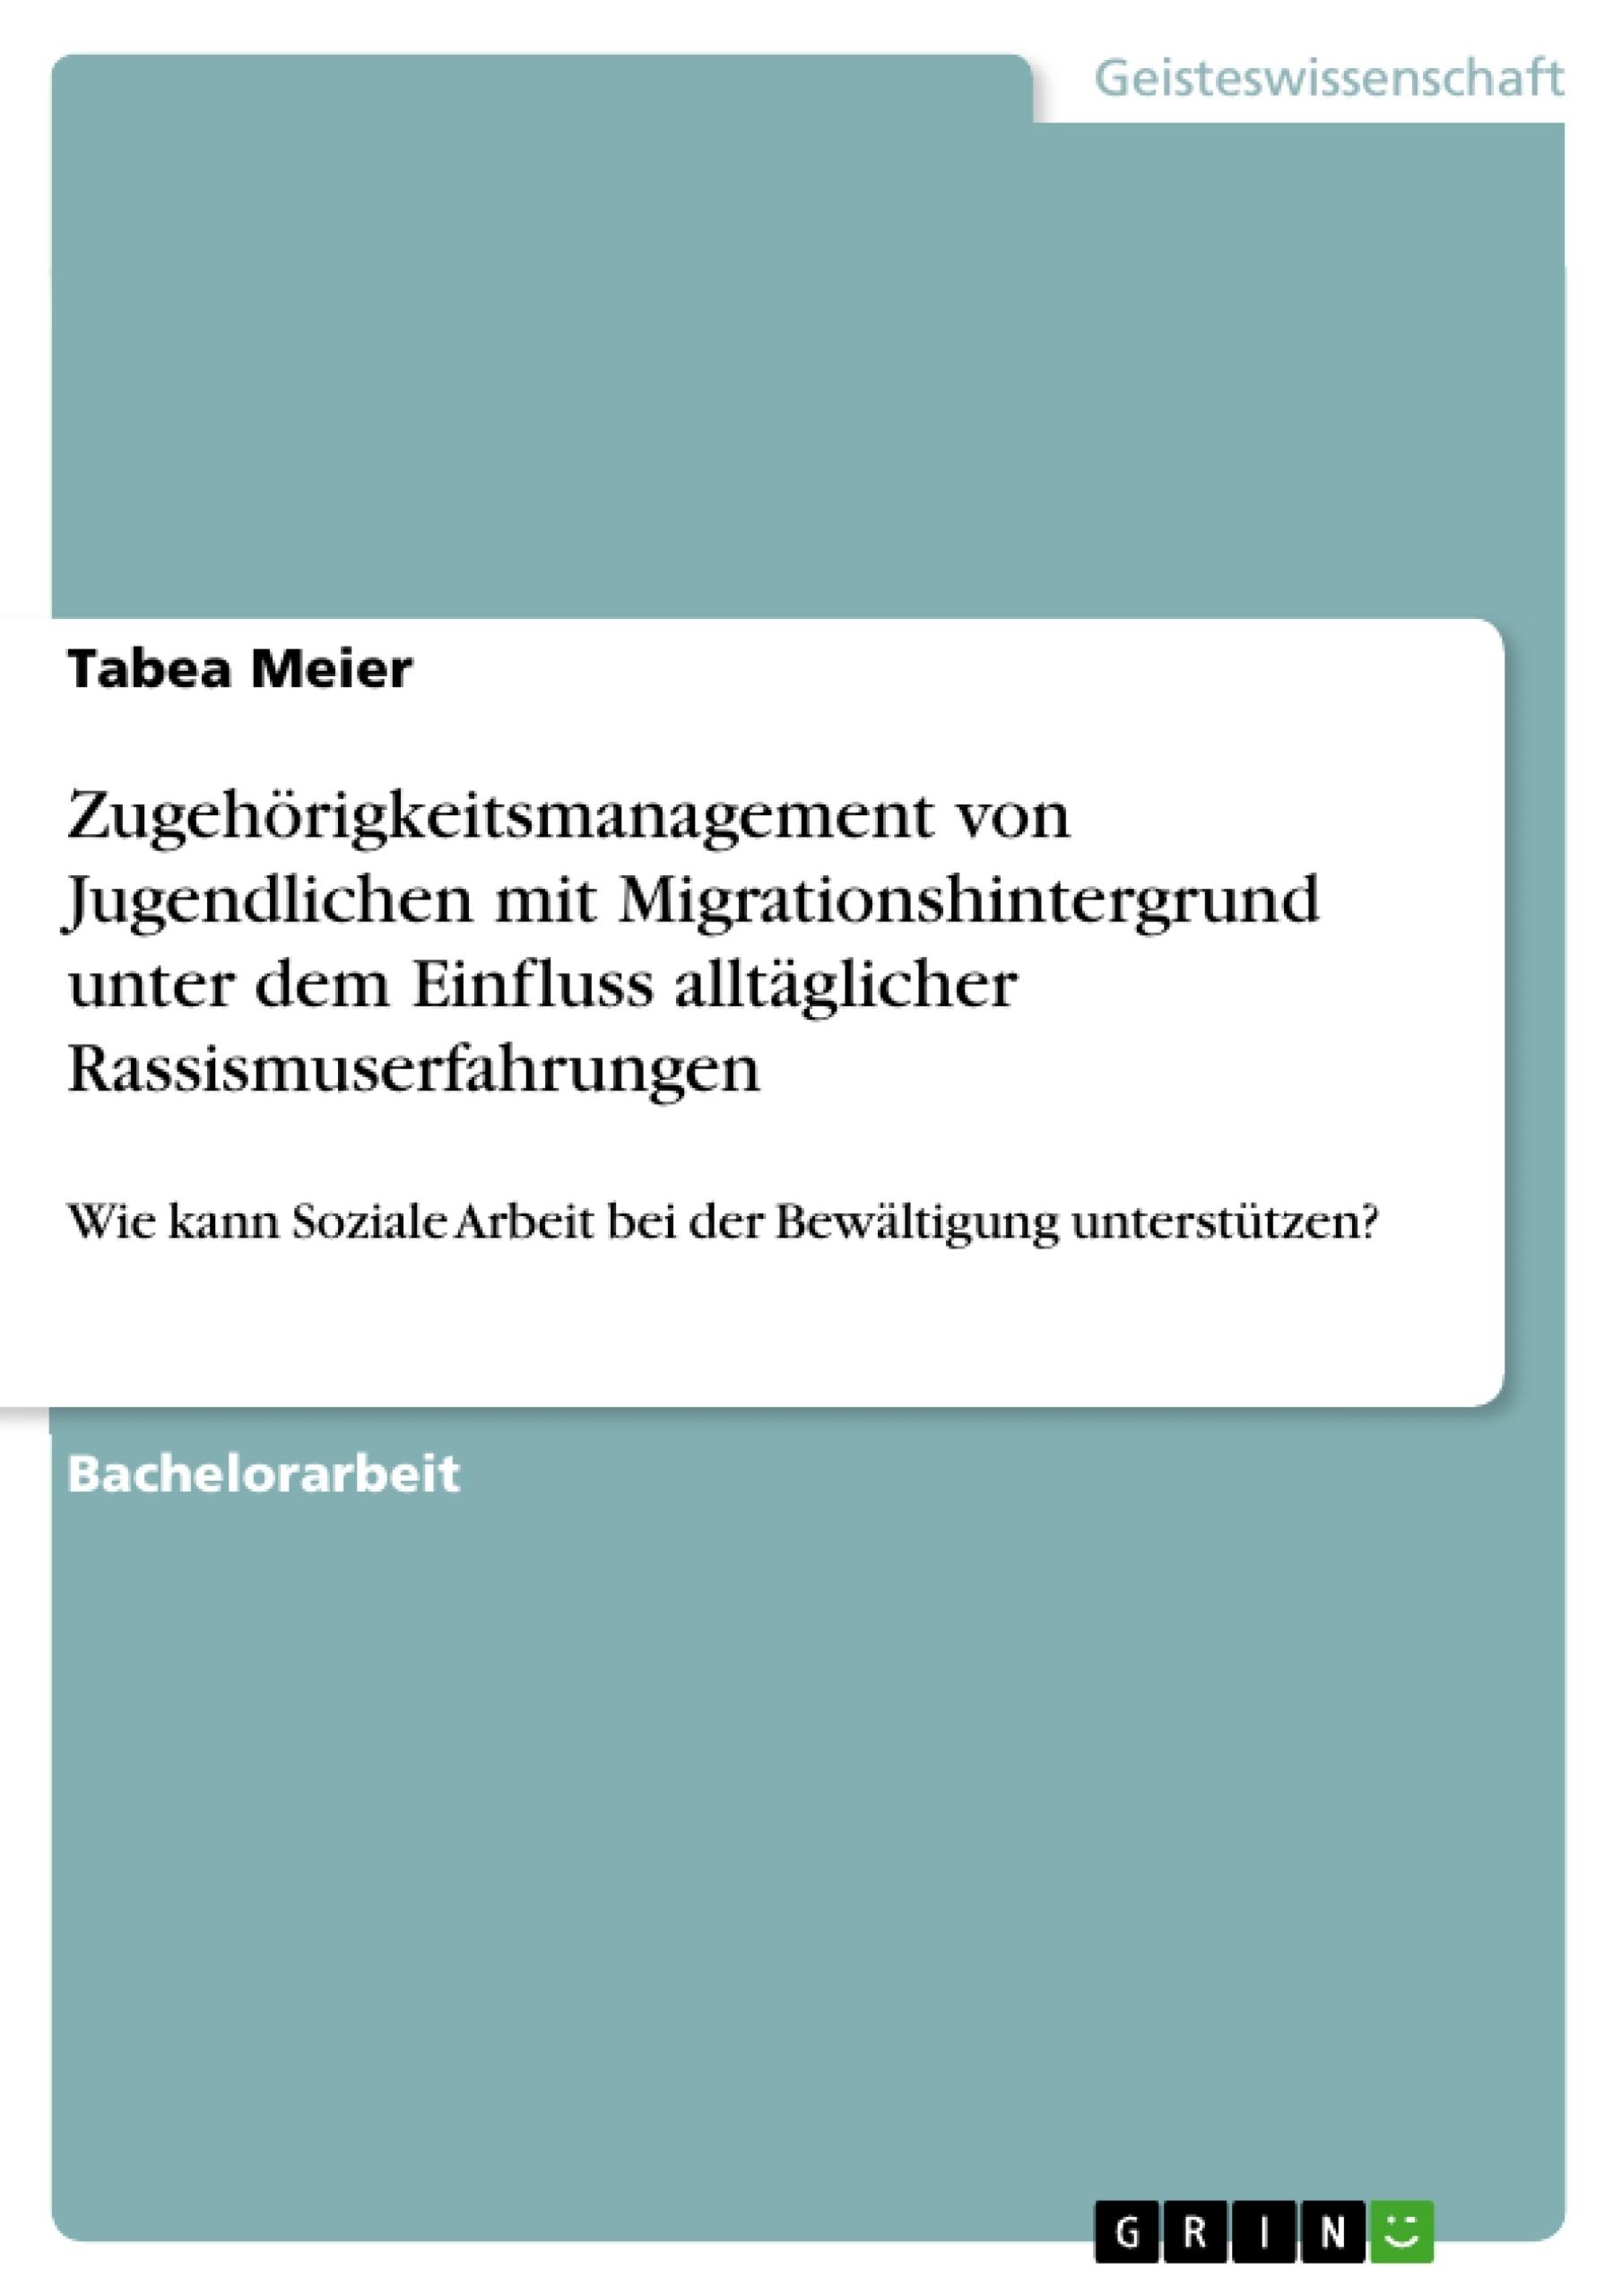 Titel: Zugehörigkeitsmanagement von Jugendlichen mit Migrationshintergrund unter dem Einfluss alltäglicher Rassismuserfahrungen